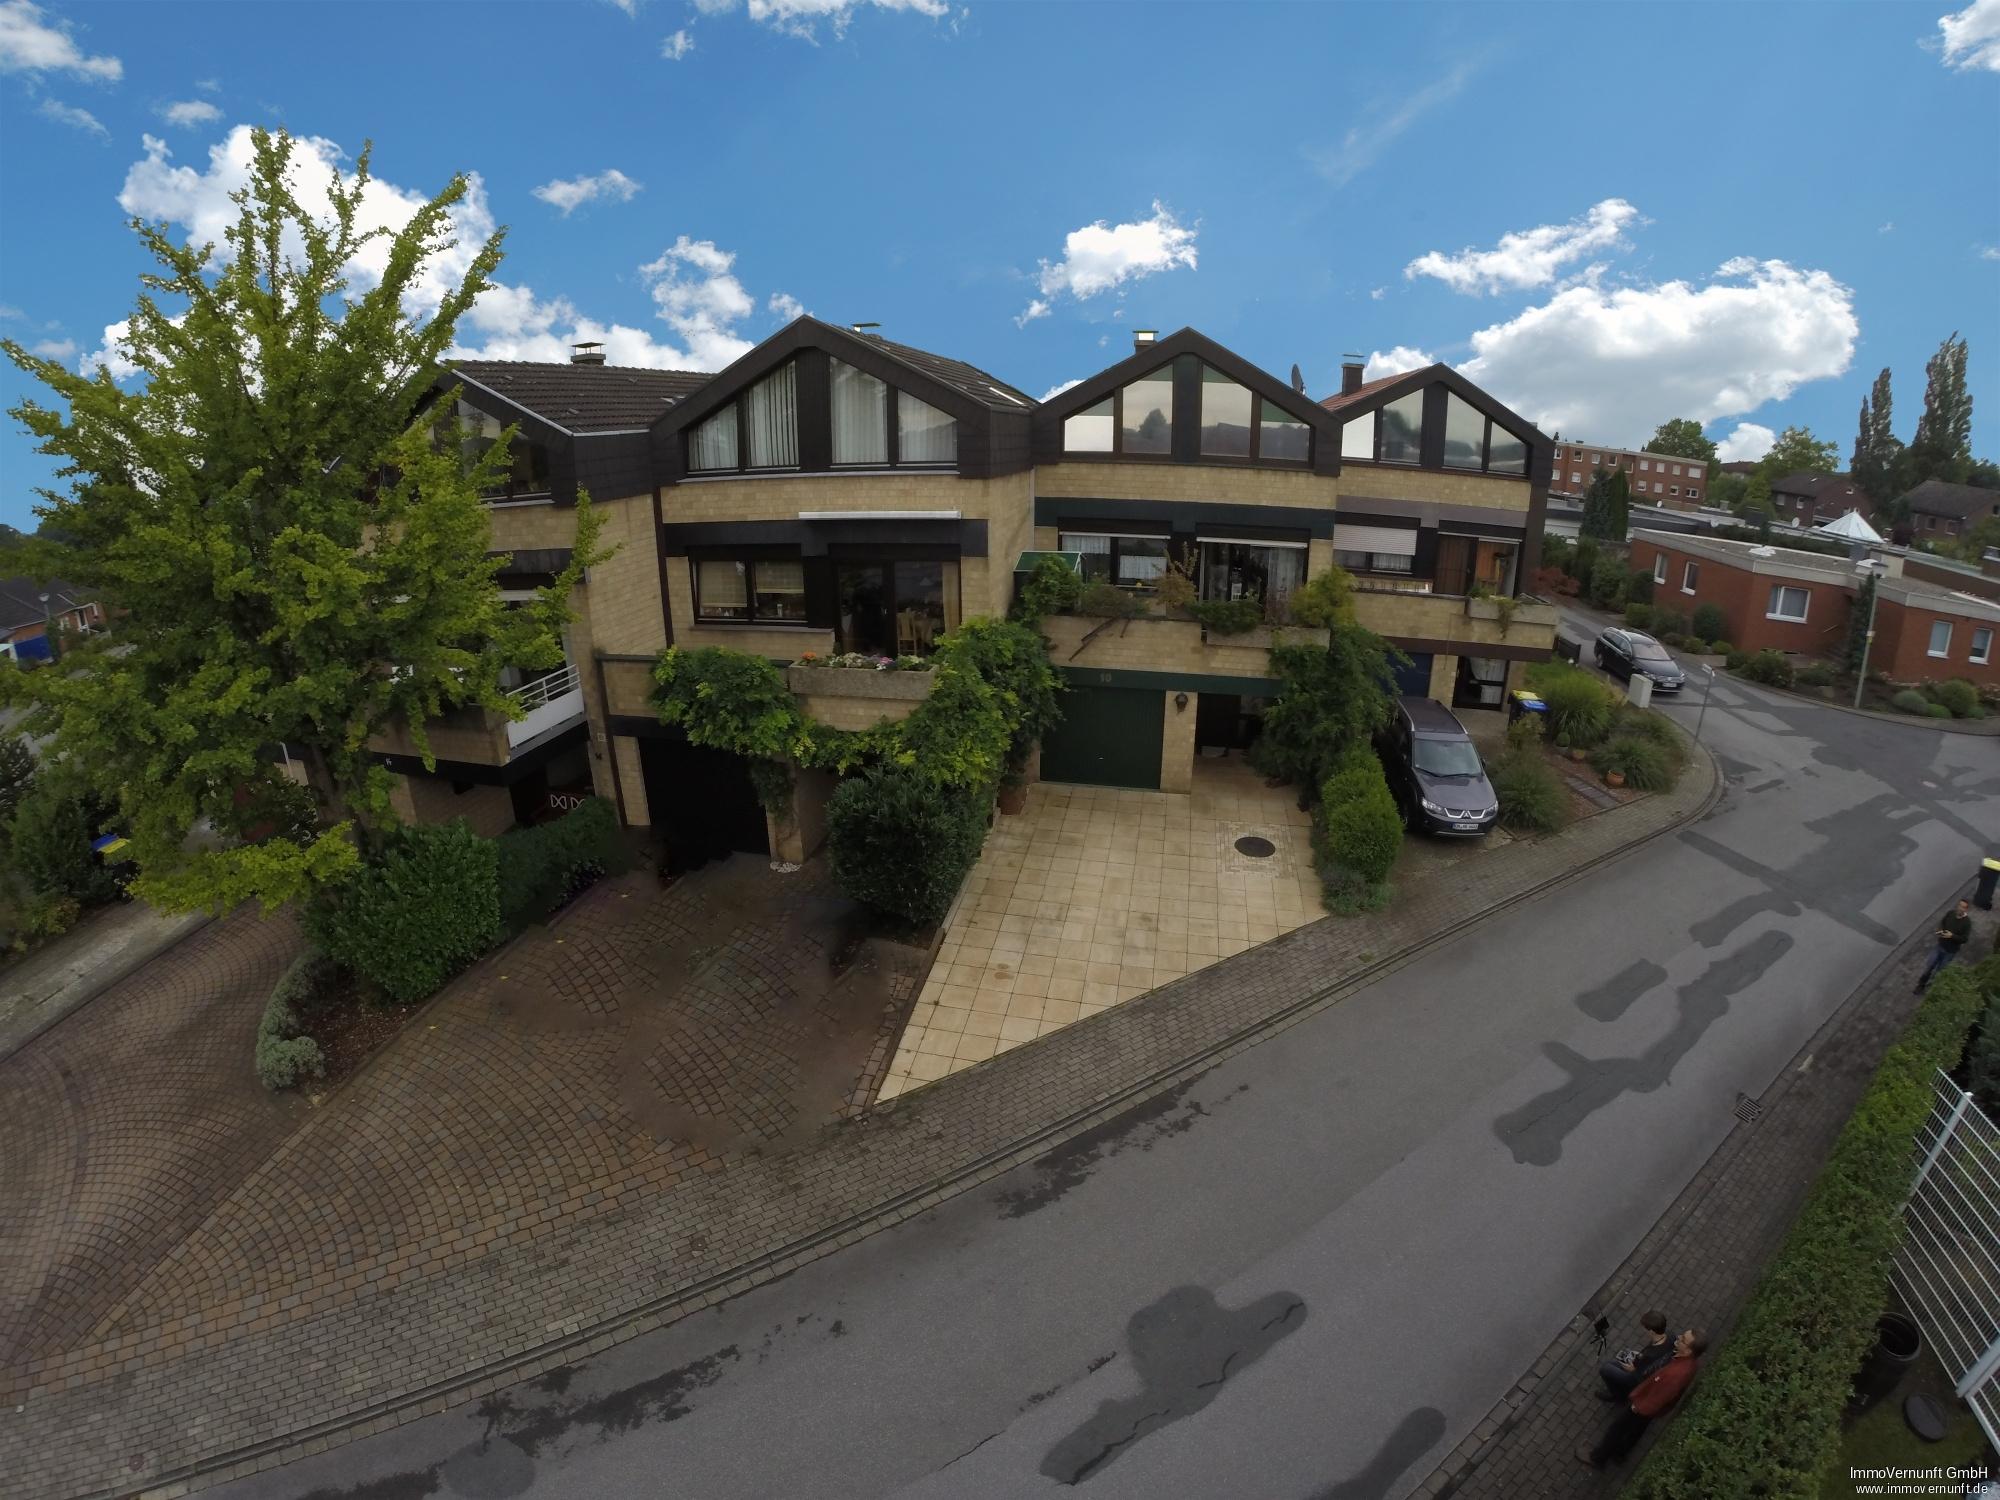 Haus mit 150 m² für die ganze Familie 59379 Selm (Bork), Reihenmittelhaus